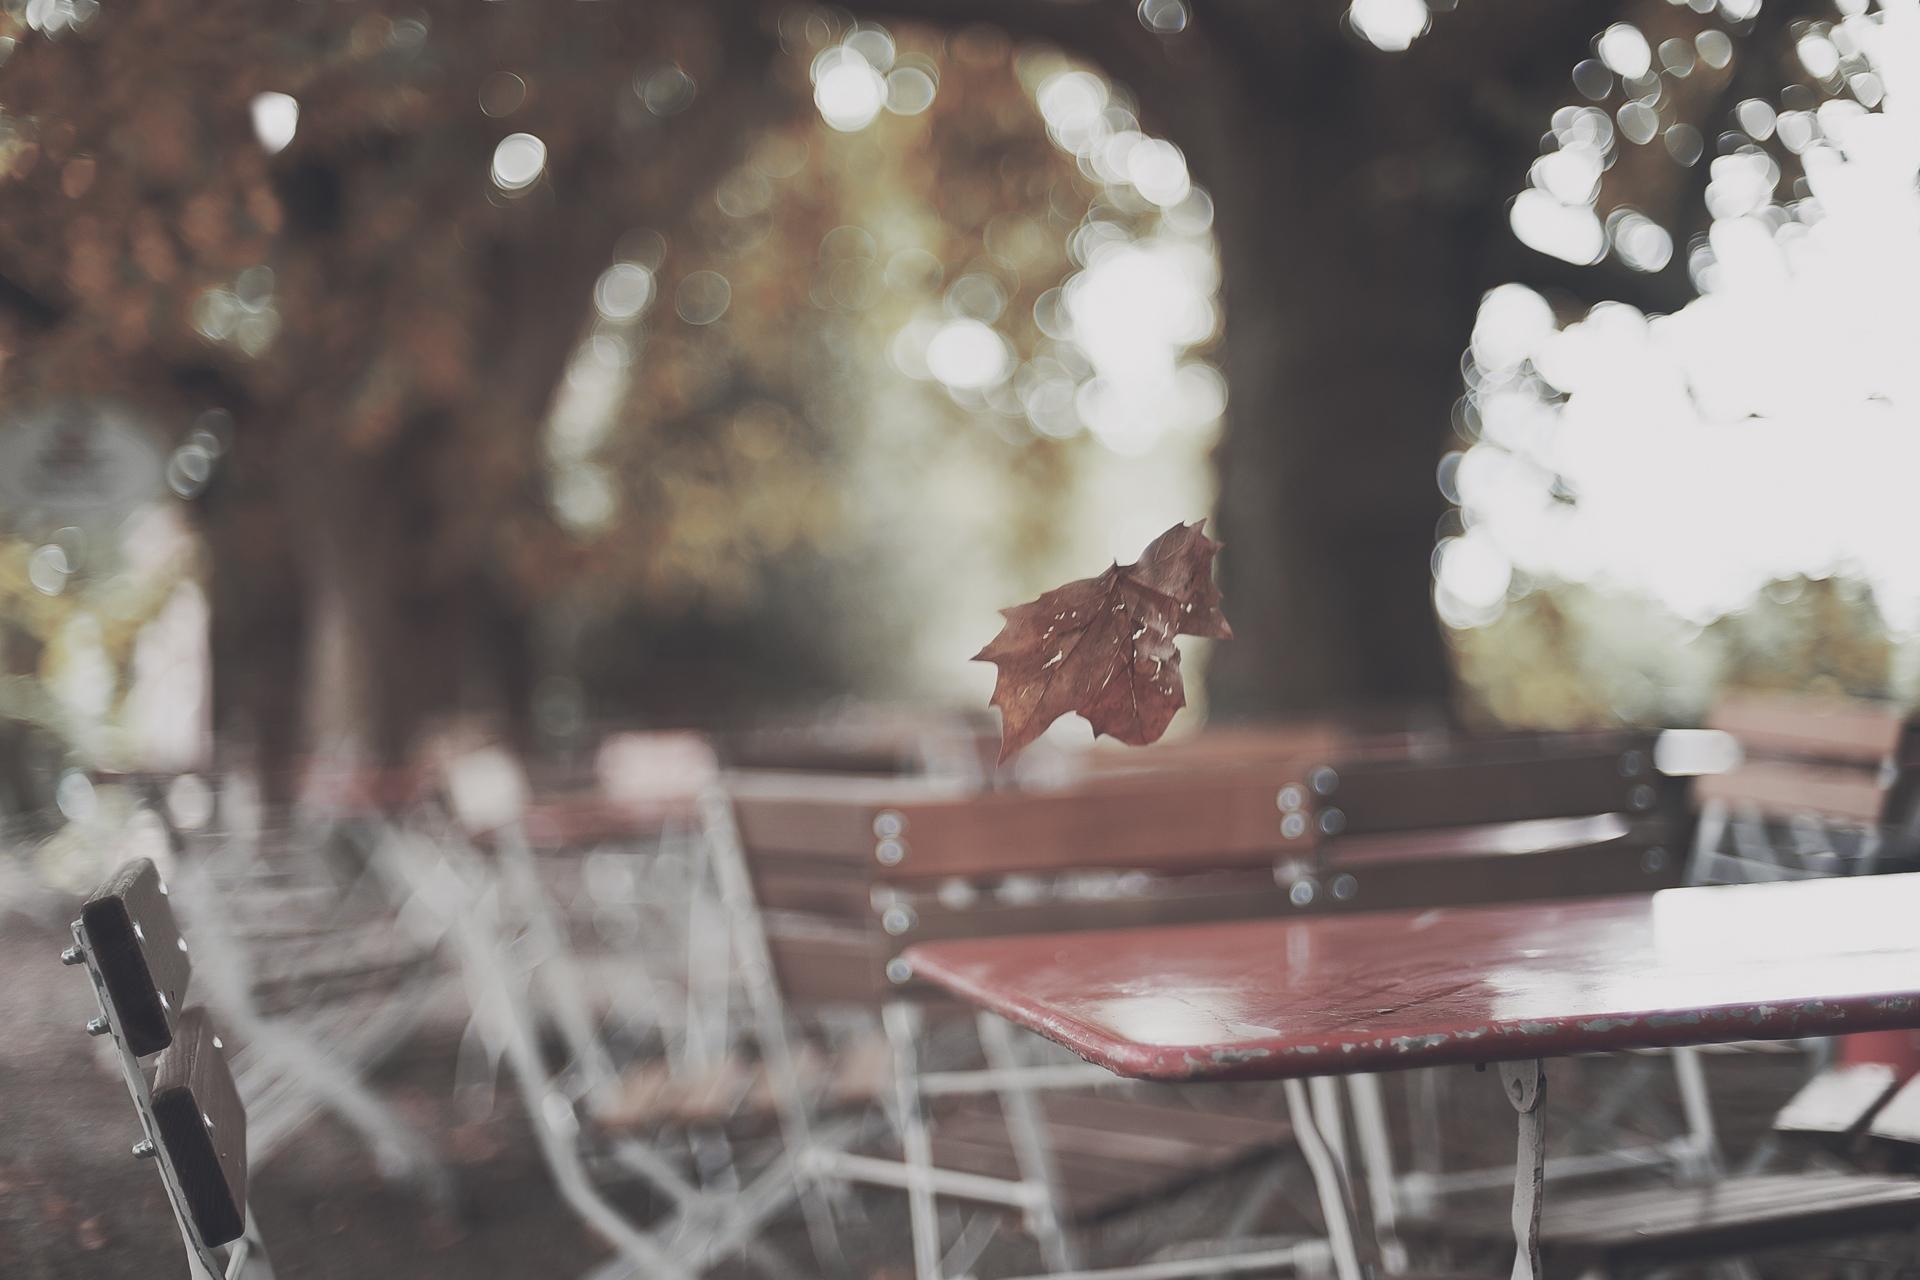 113004 скачать обои Разное, Парк, Стол, Лист, Осень - заставки и картинки бесплатно